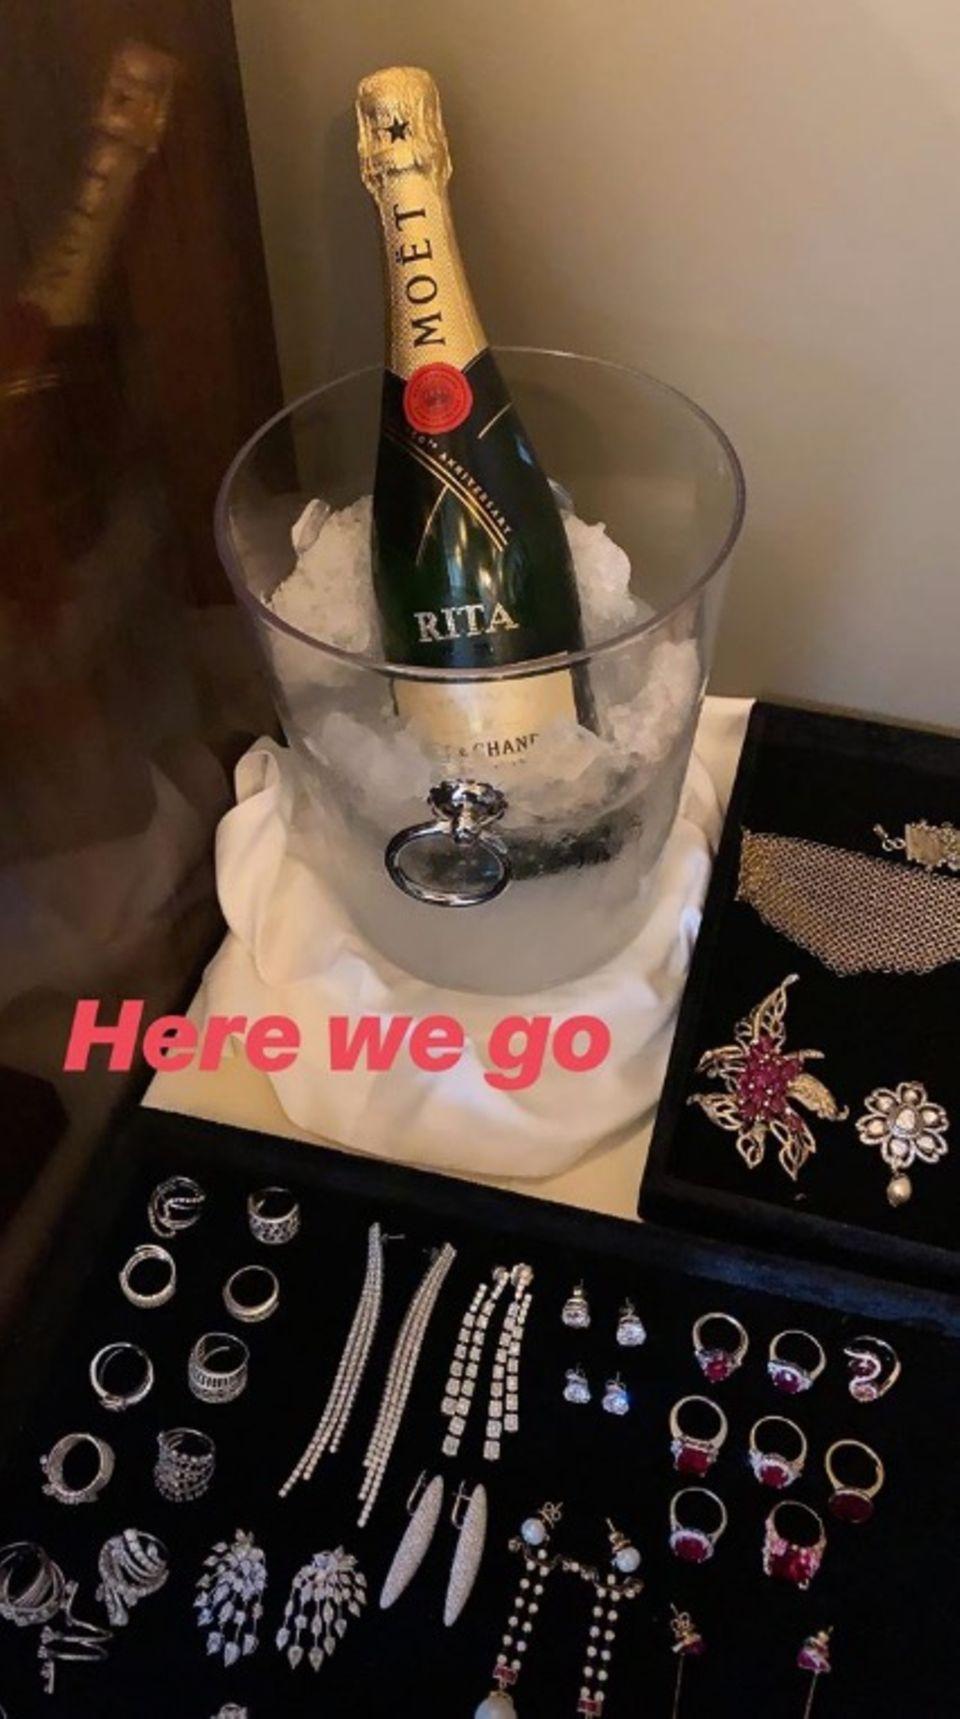 Zwischen Styling und Schmuckauswahl genehmigt sich Rita Ora den ein oder anderen Schluck eisgekühlten Champagner.